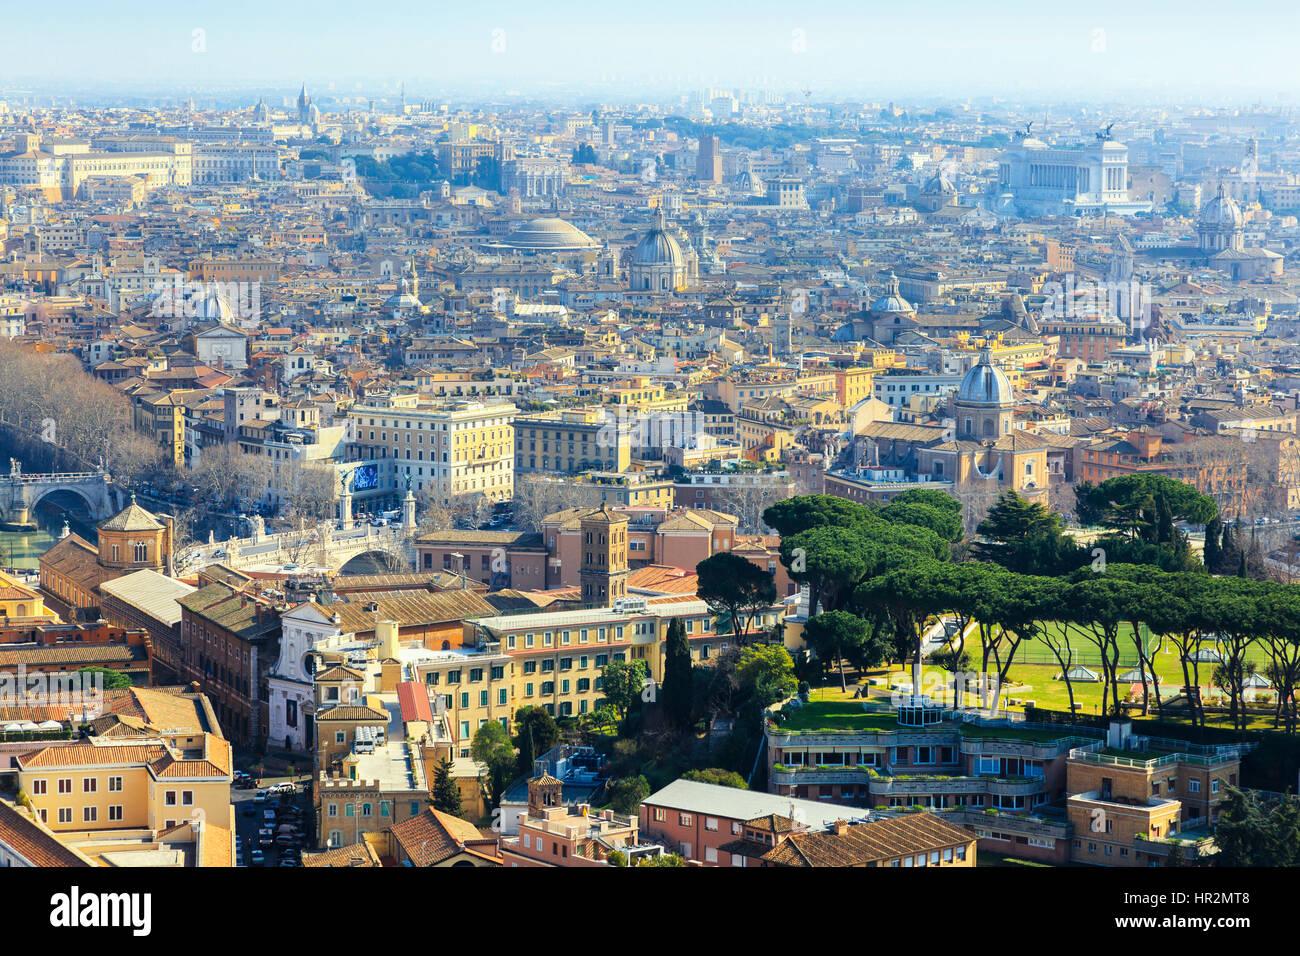 Toits de la ville de Rome, Italie Photo Stock